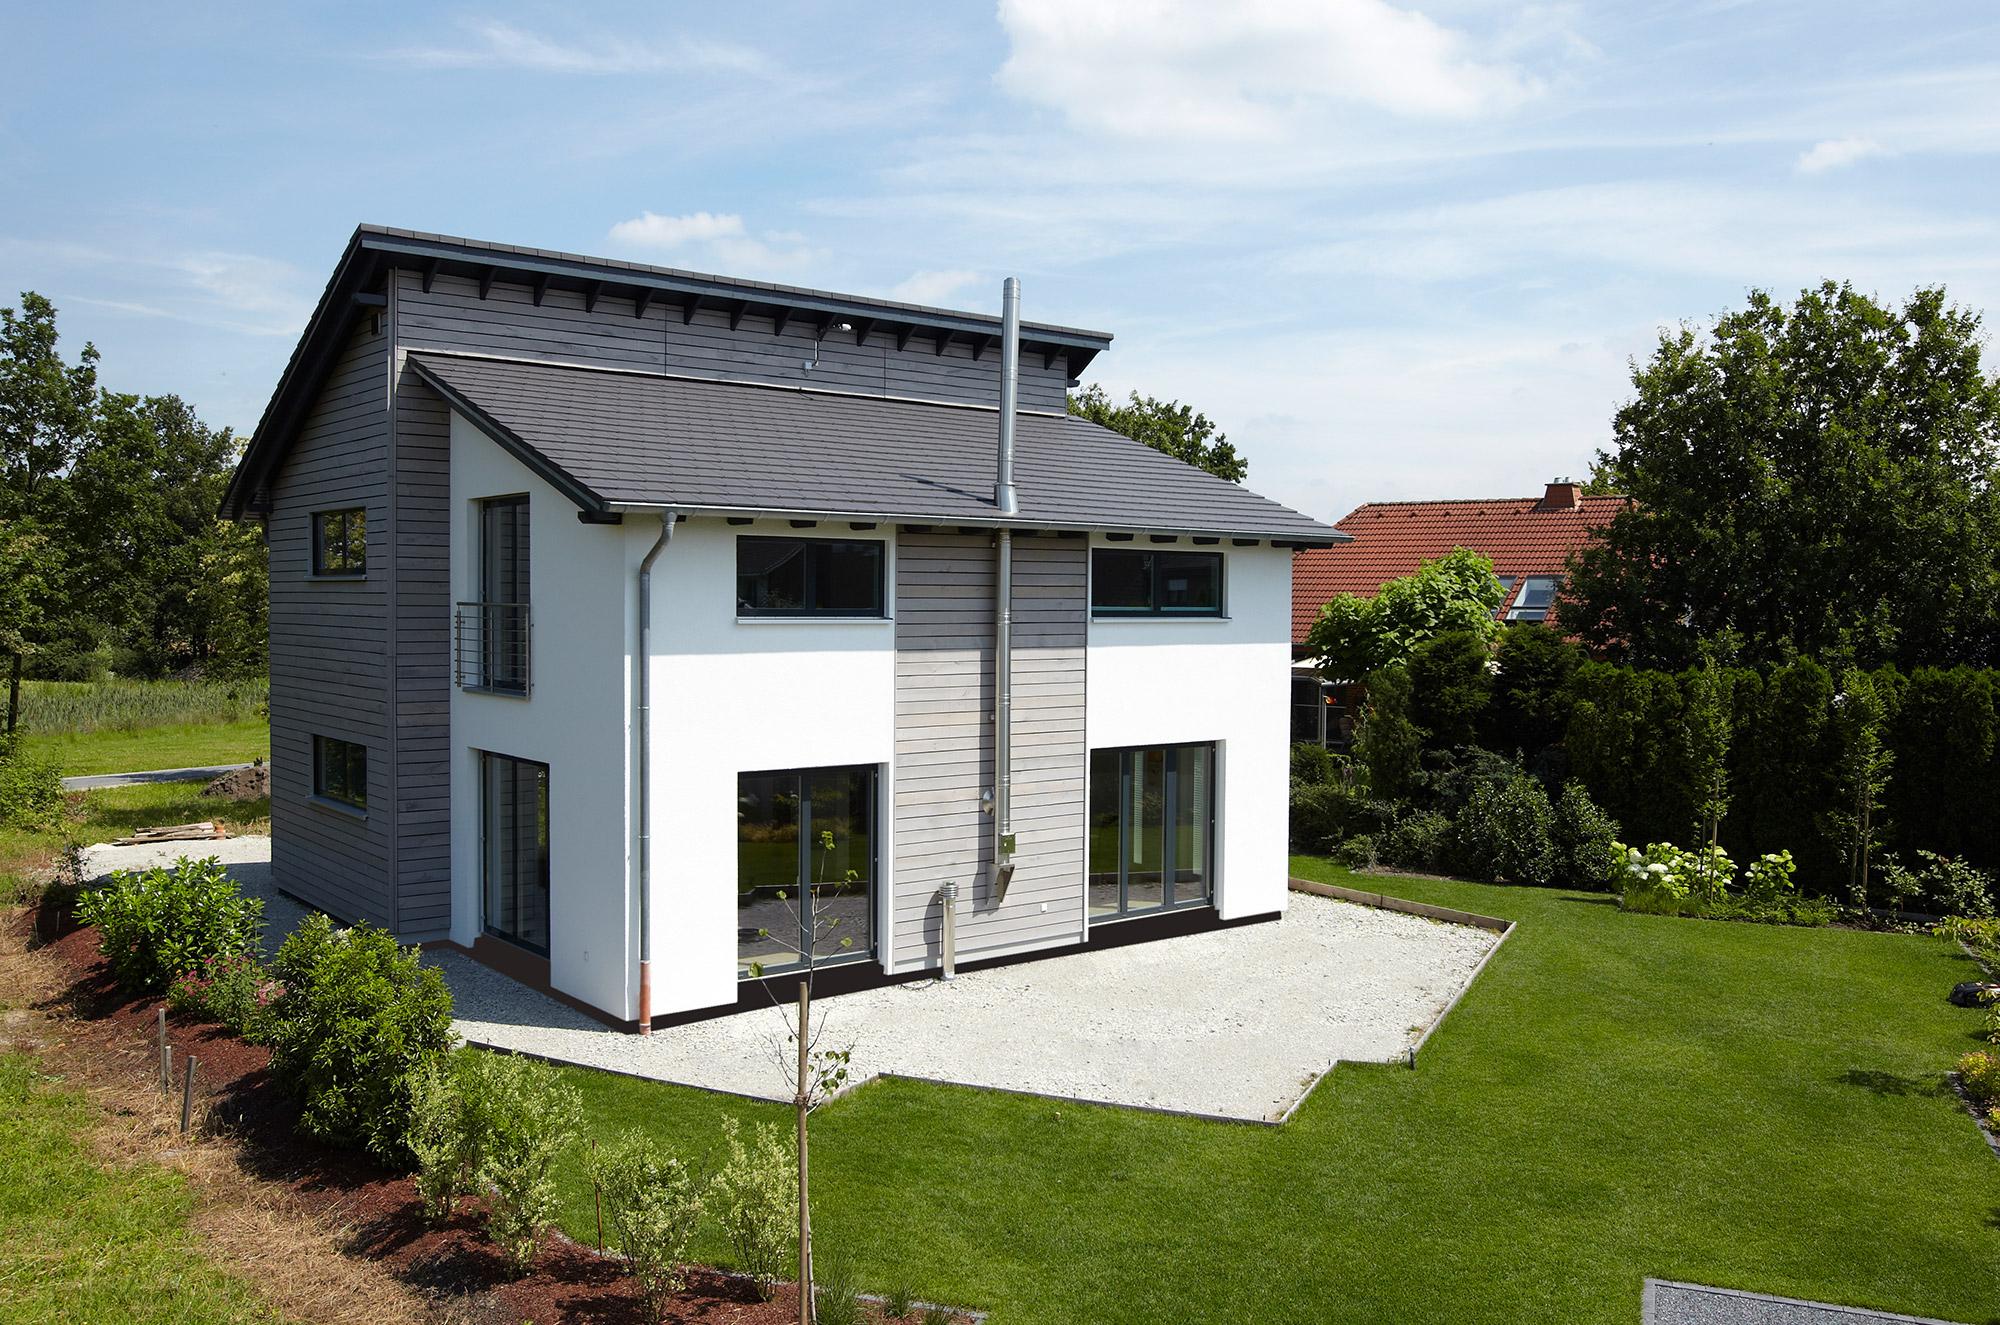 Hausbau Nordrhein Westfalen